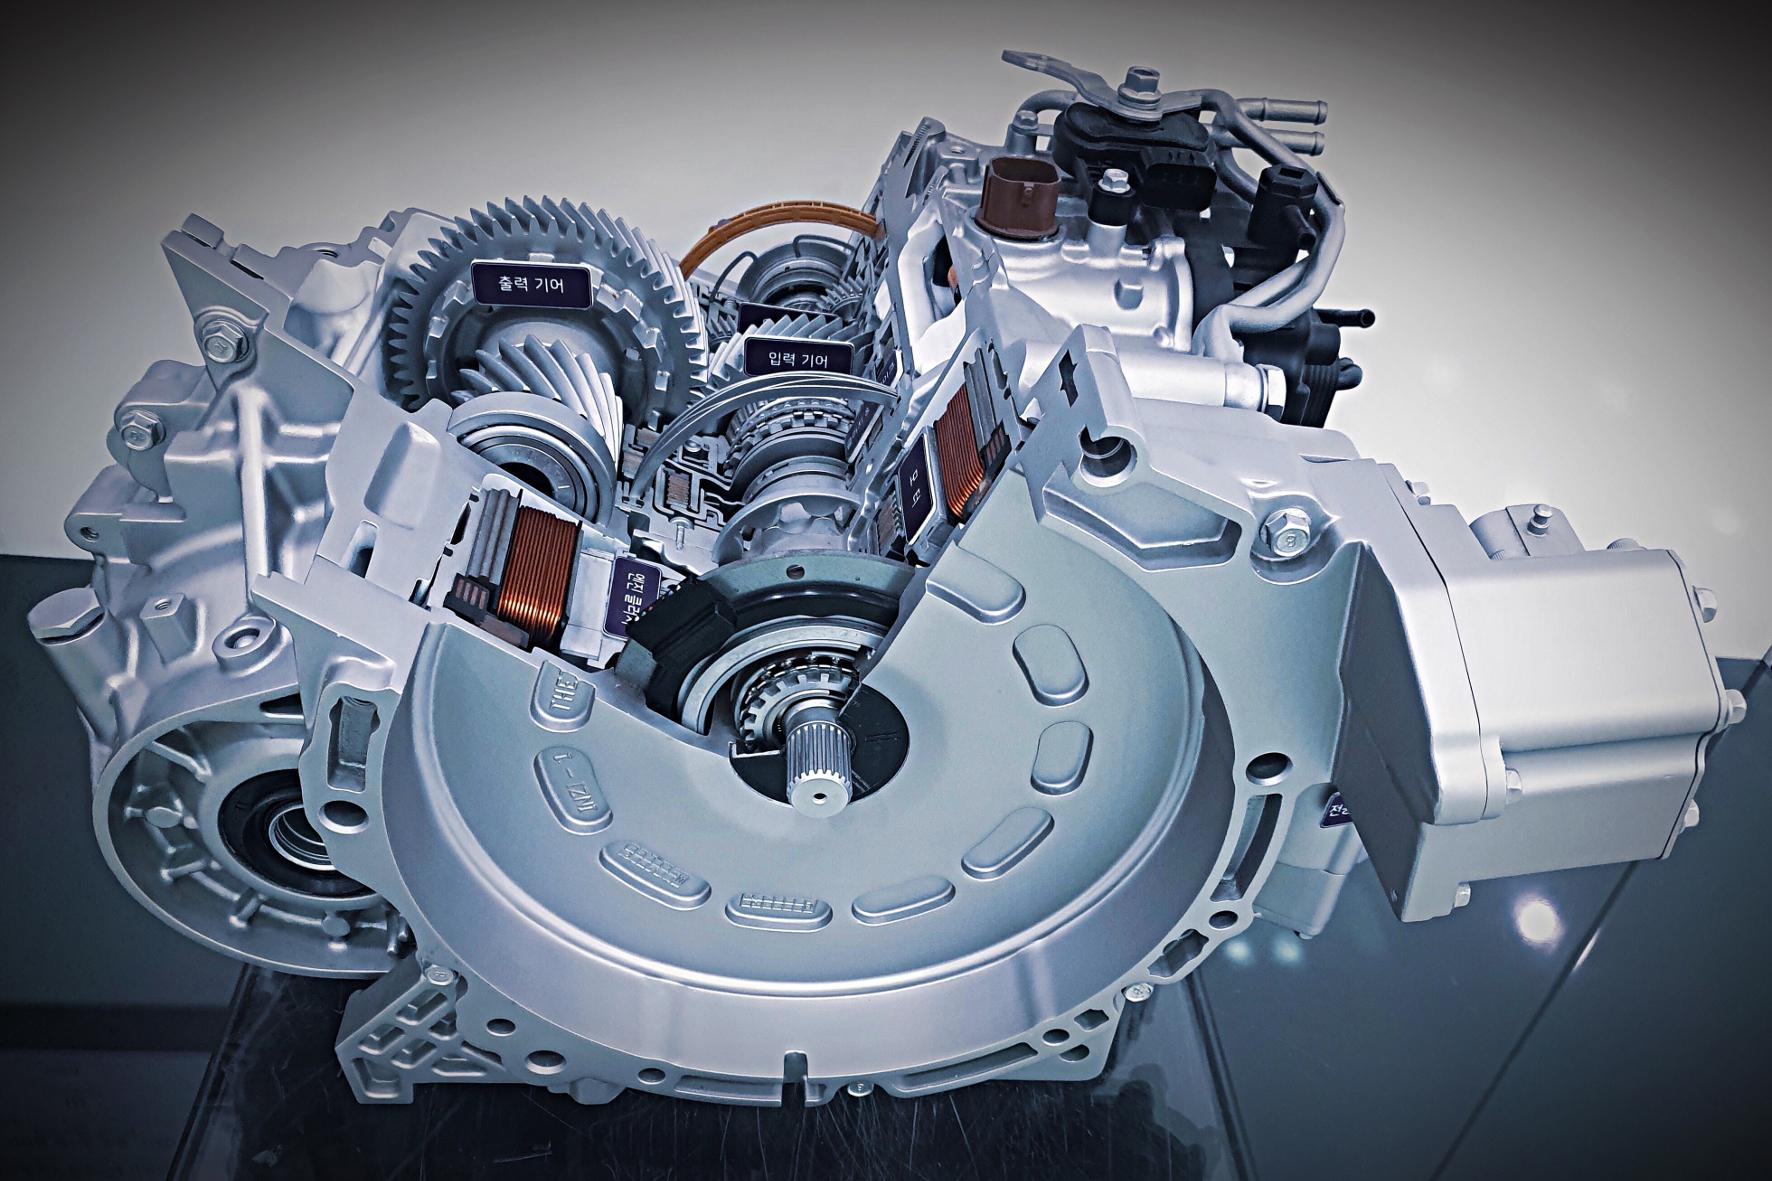 mid Groß-Gerau - Die Active Shift Control(ASC)soll die Schaltzeit eines Hybridgetriebes um 30 Prozent verbessern und gleichzeitig den Kraftstoffverbrauch reduzieren. Hyundai